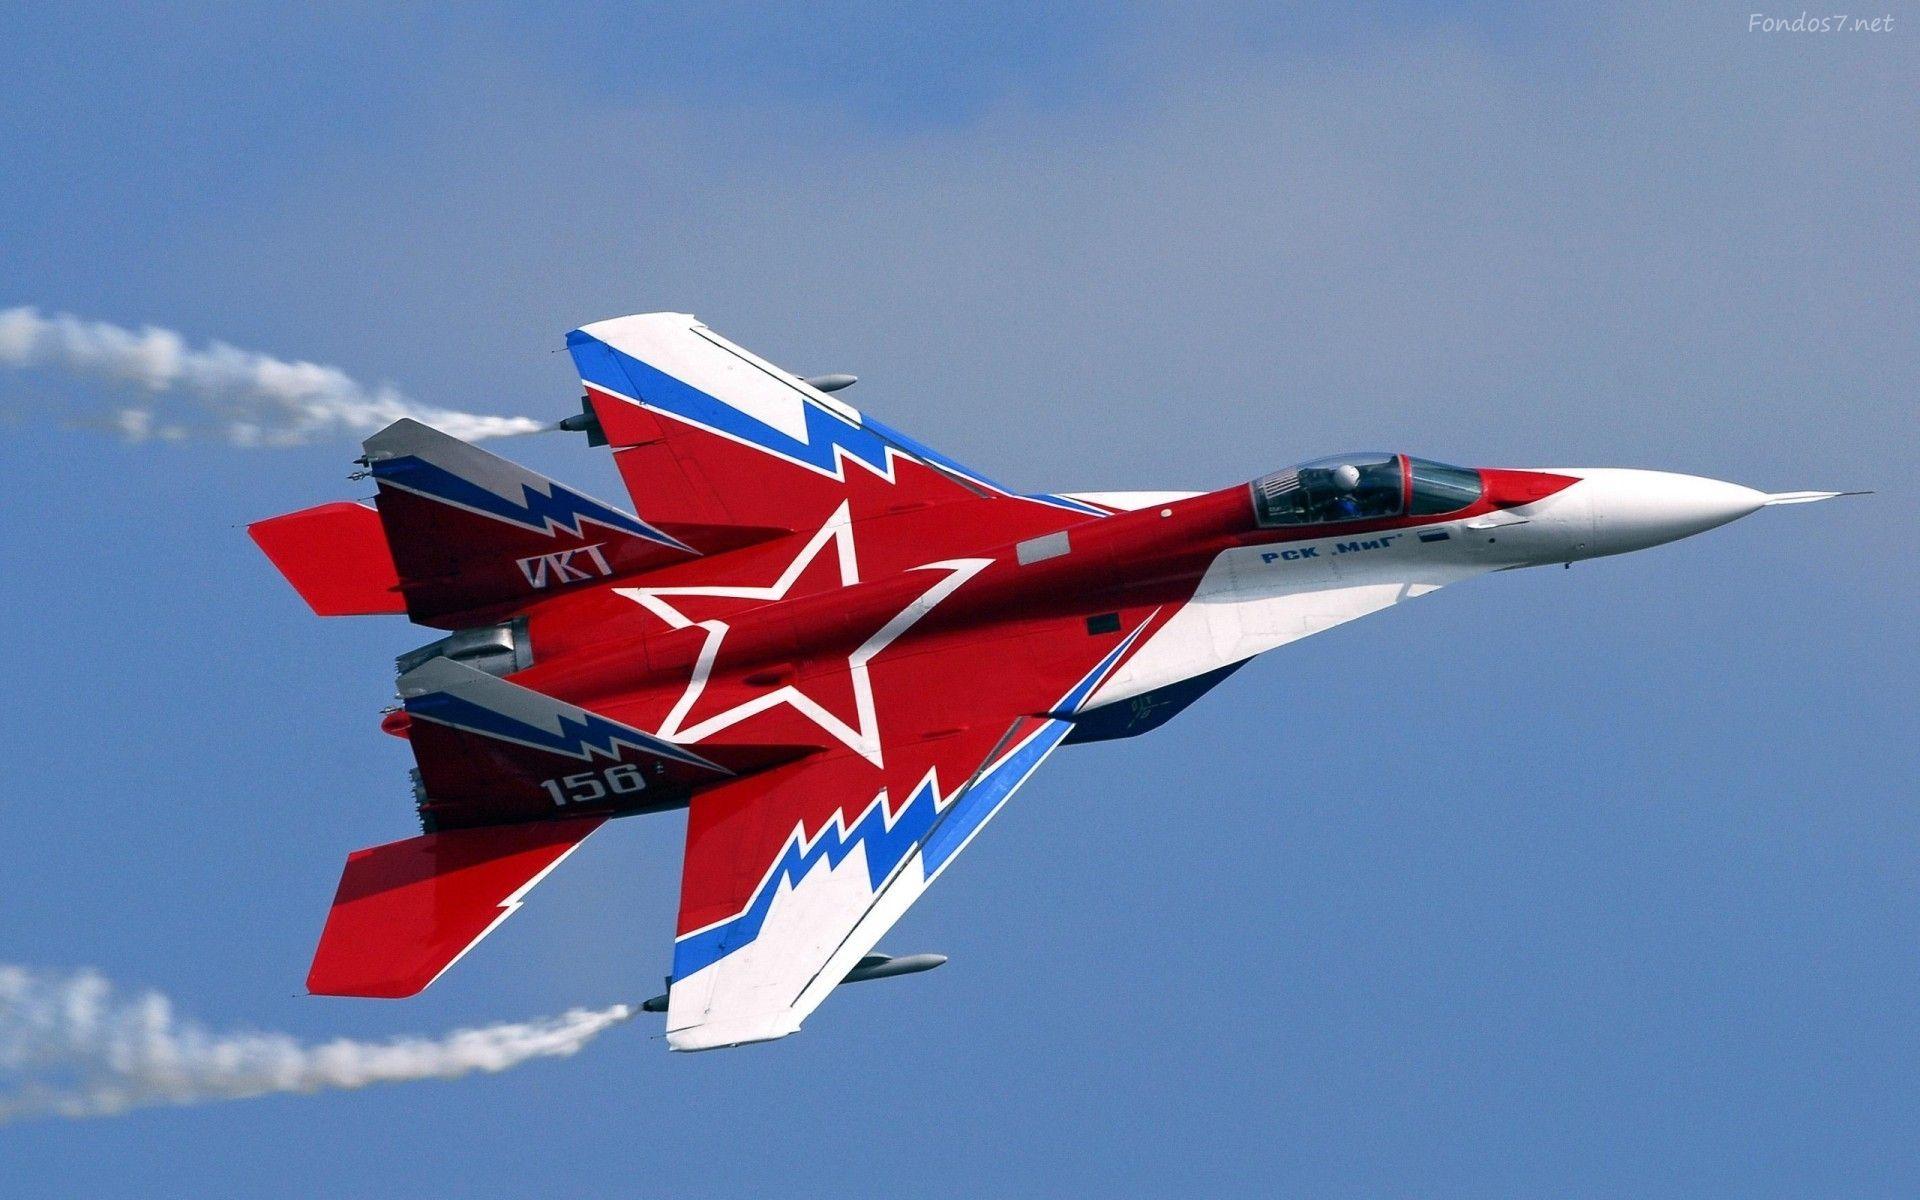 Avion descargar fondos de pantalla ruso guerra hd for Fondos de pantalla de aviones